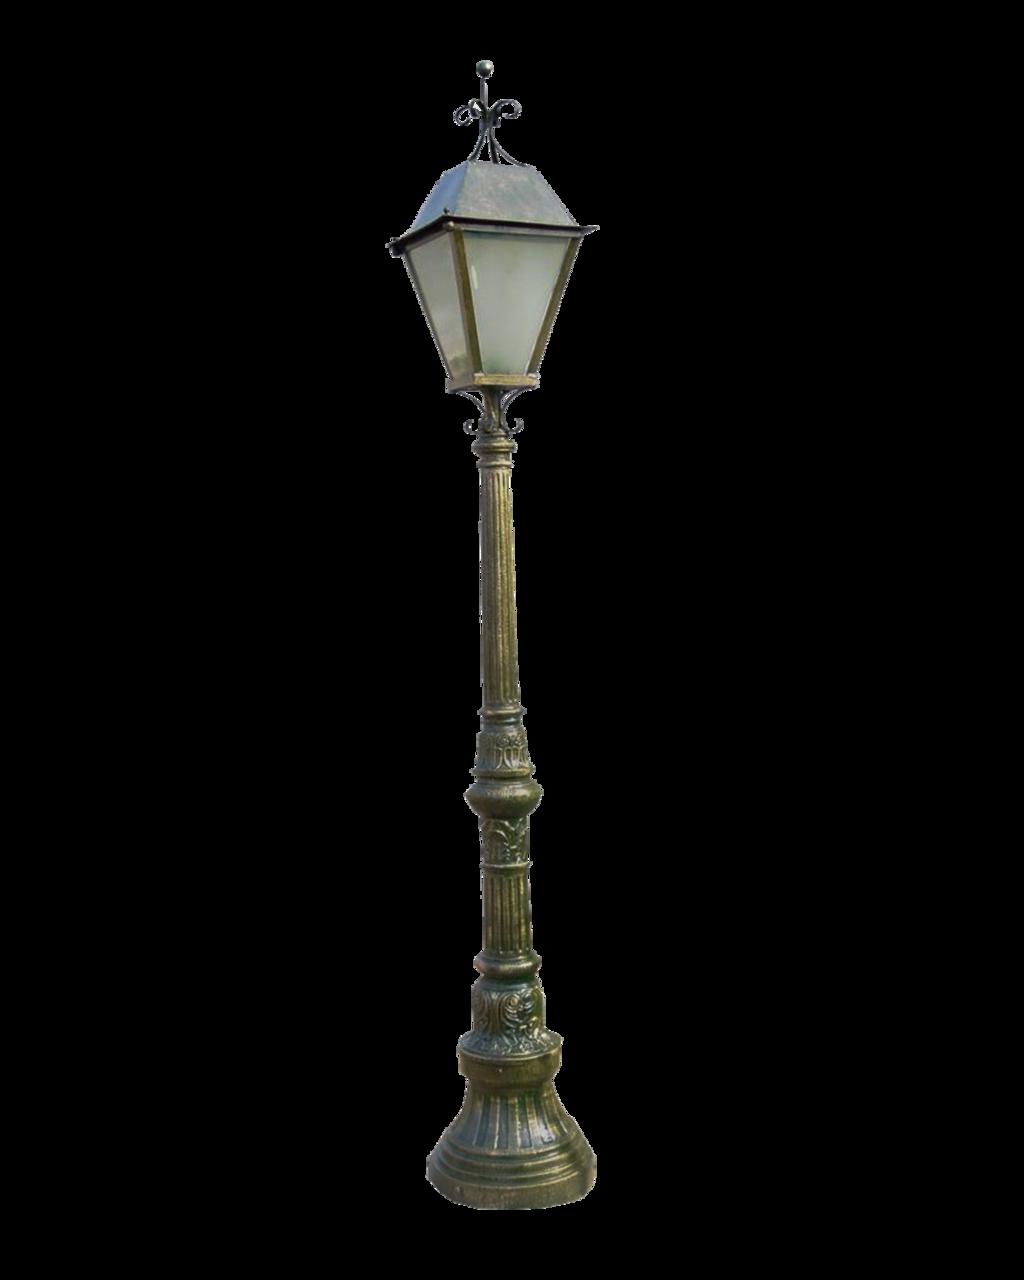 Road lamp png 3 » PNG Image.